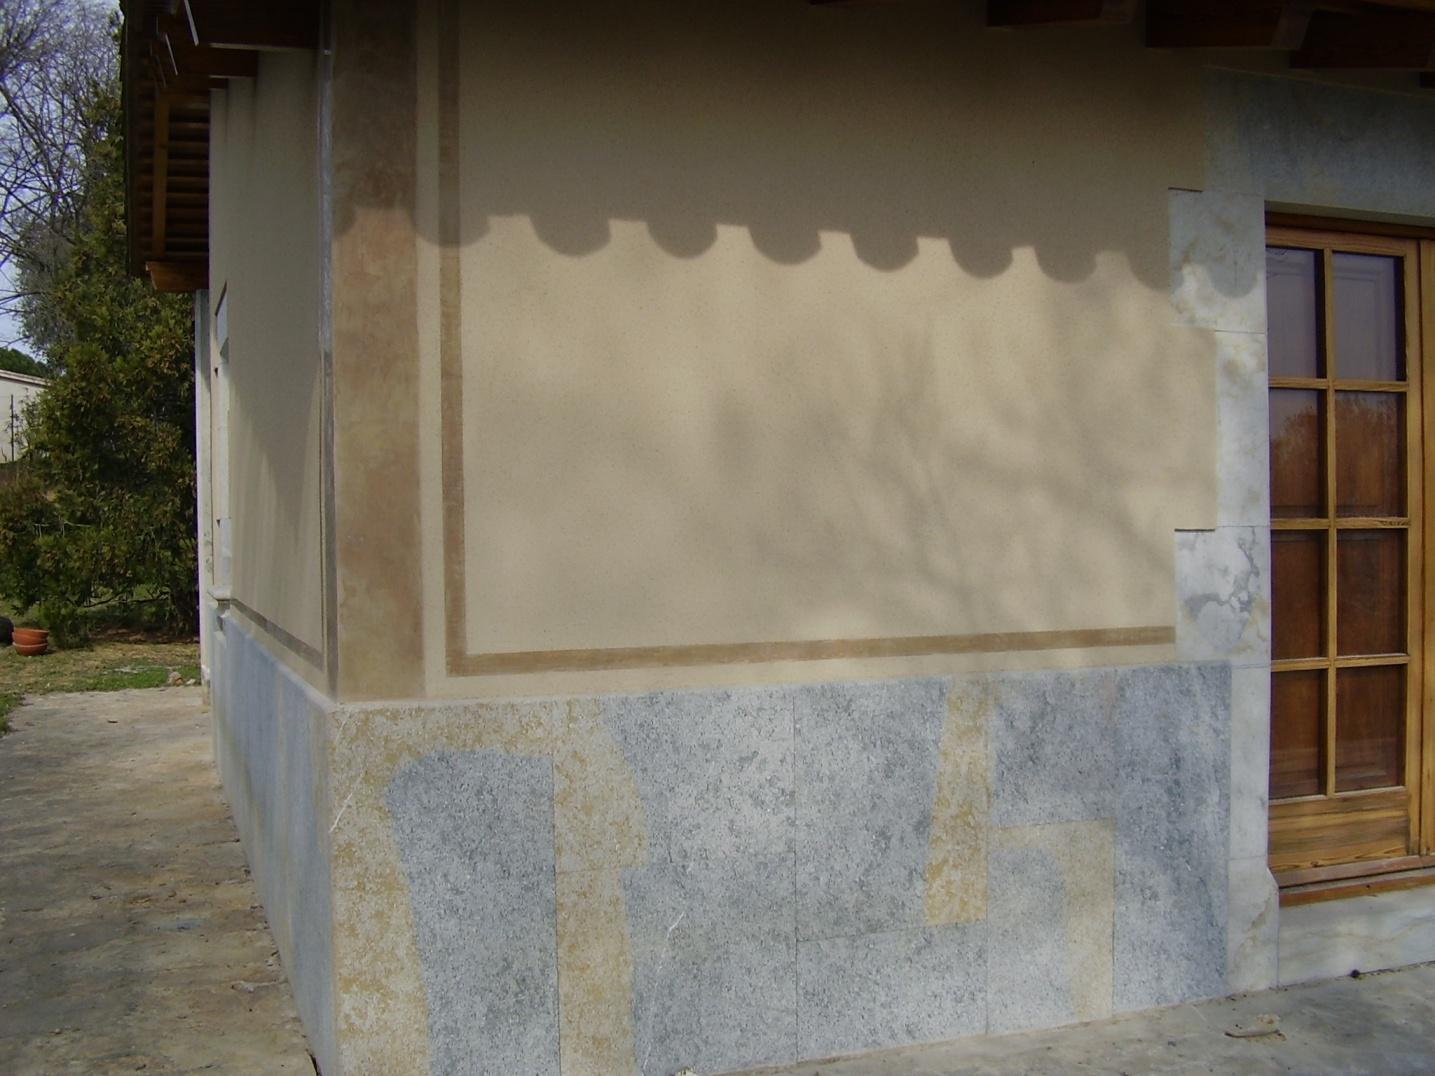 Pintura petrea proyectada en fachada de Girona